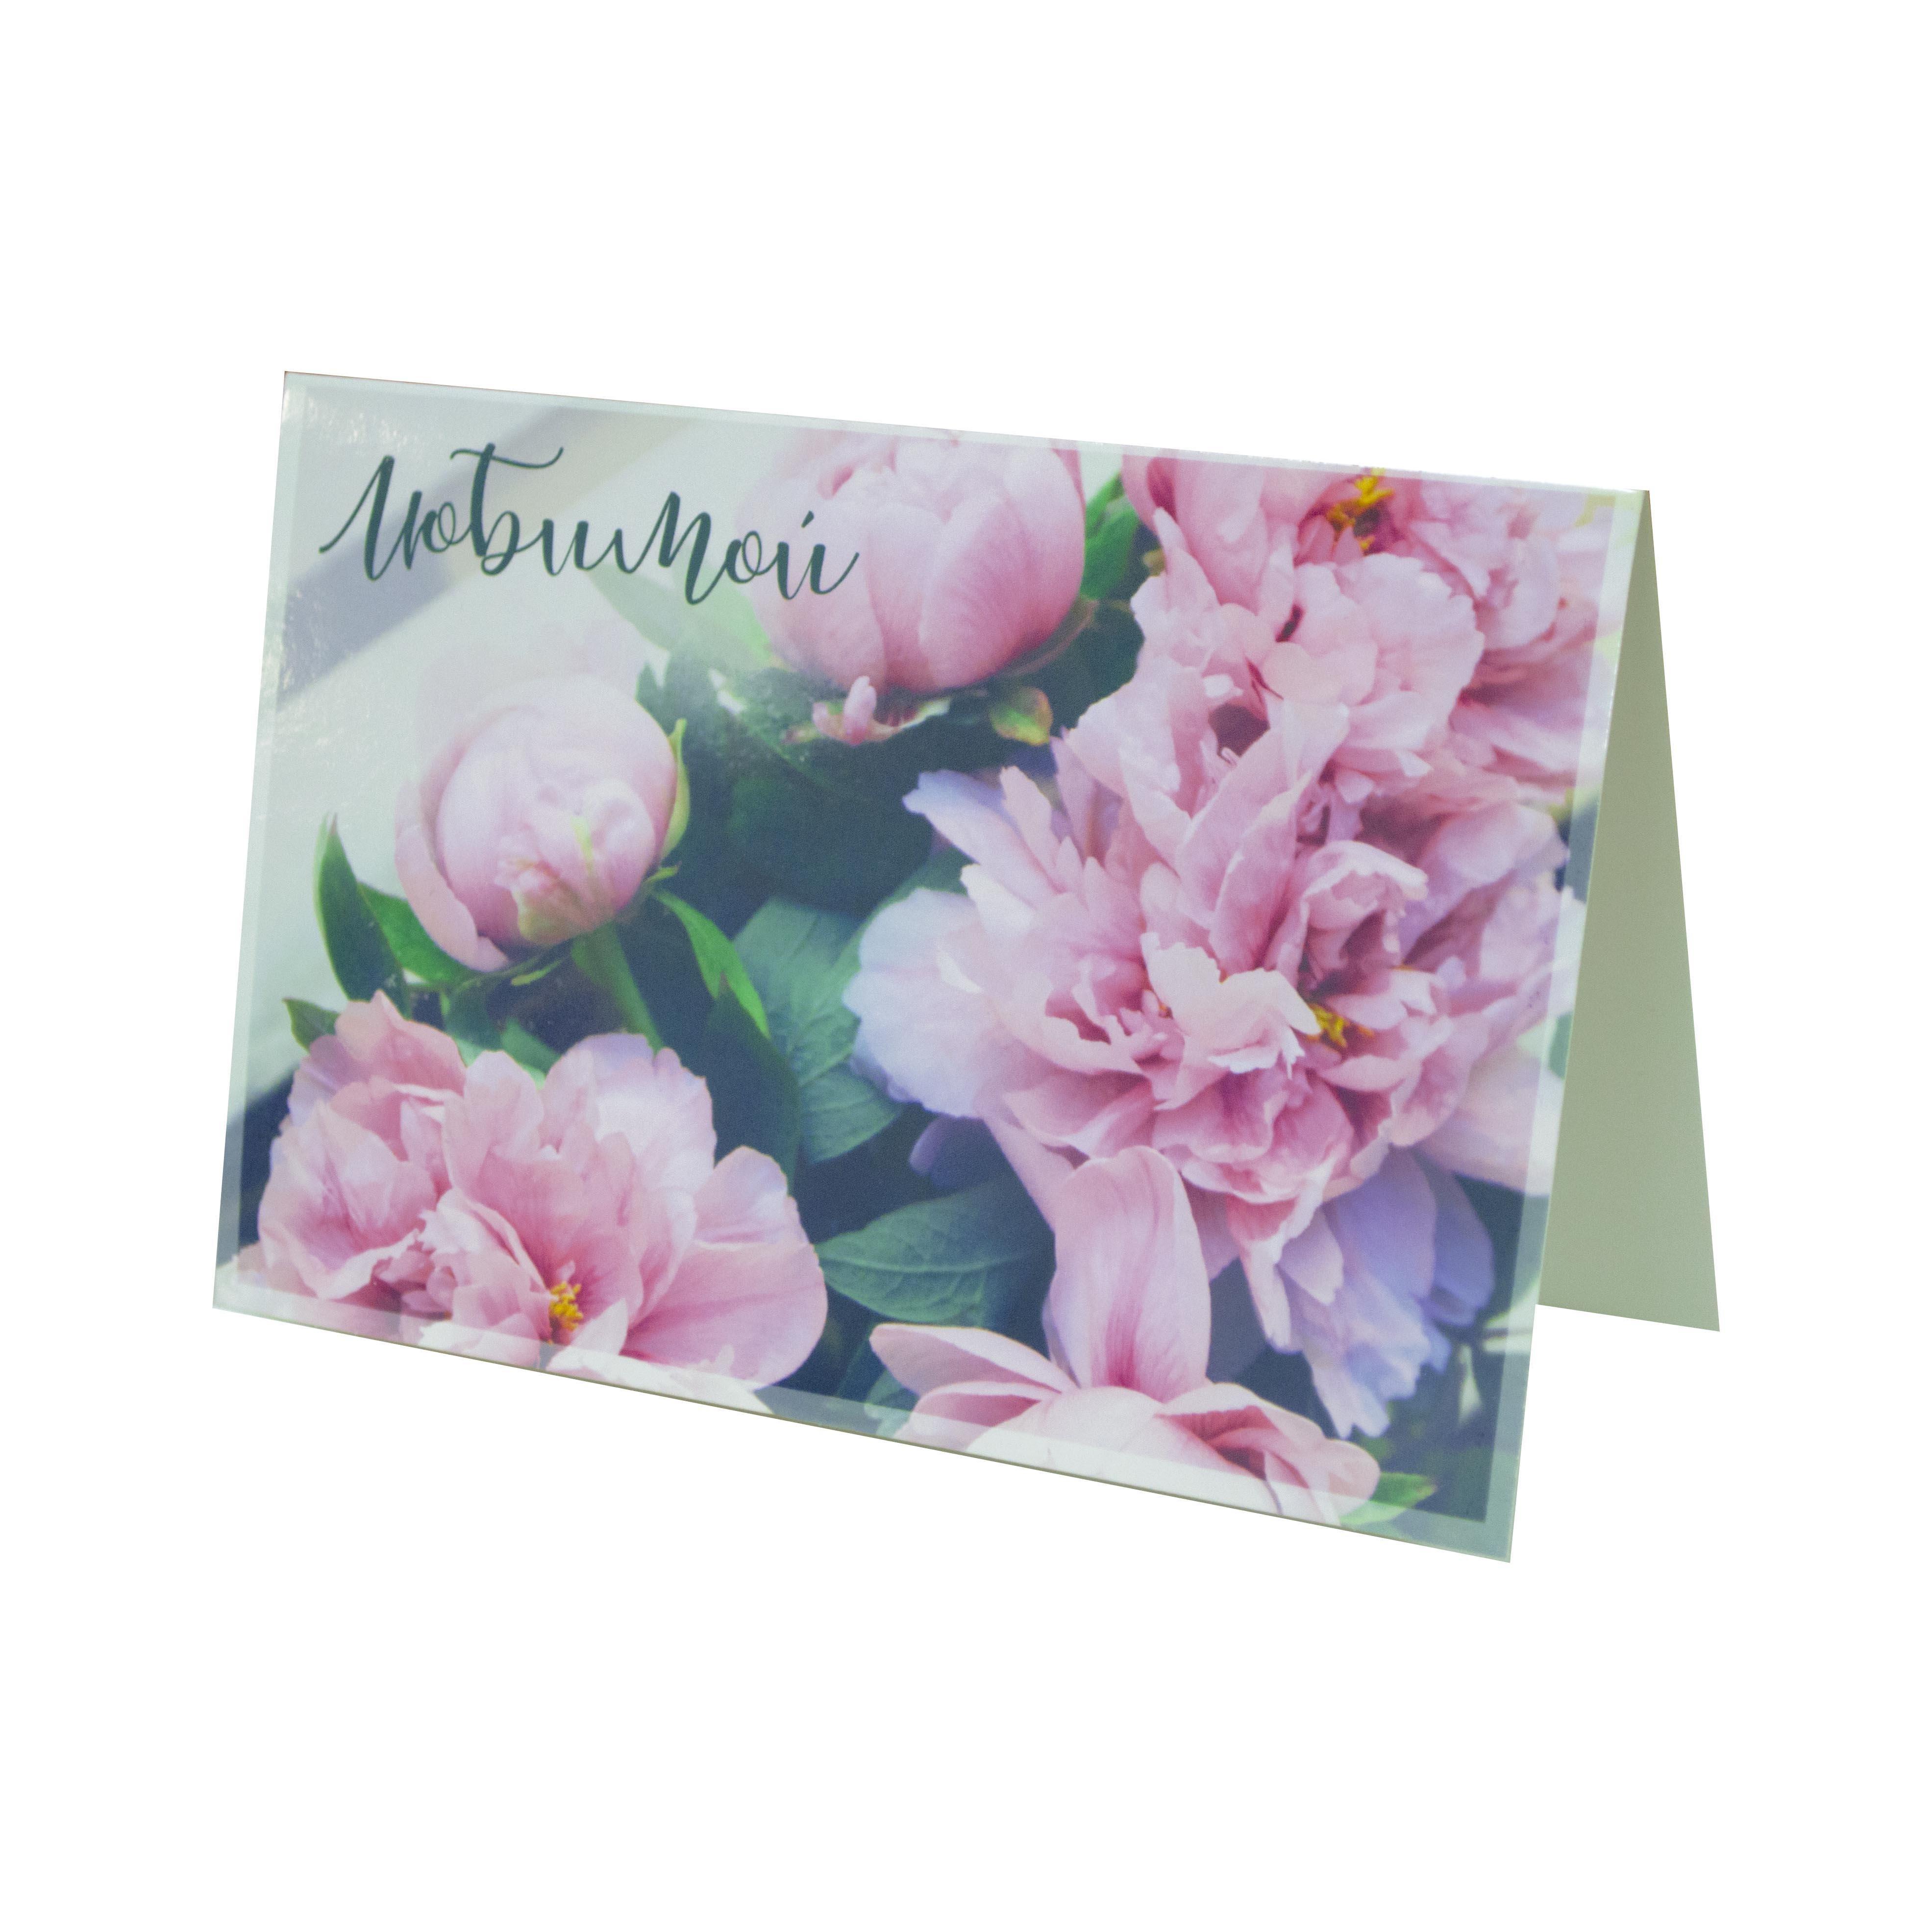 открытки на заказ в чите они резанные, нарезаем